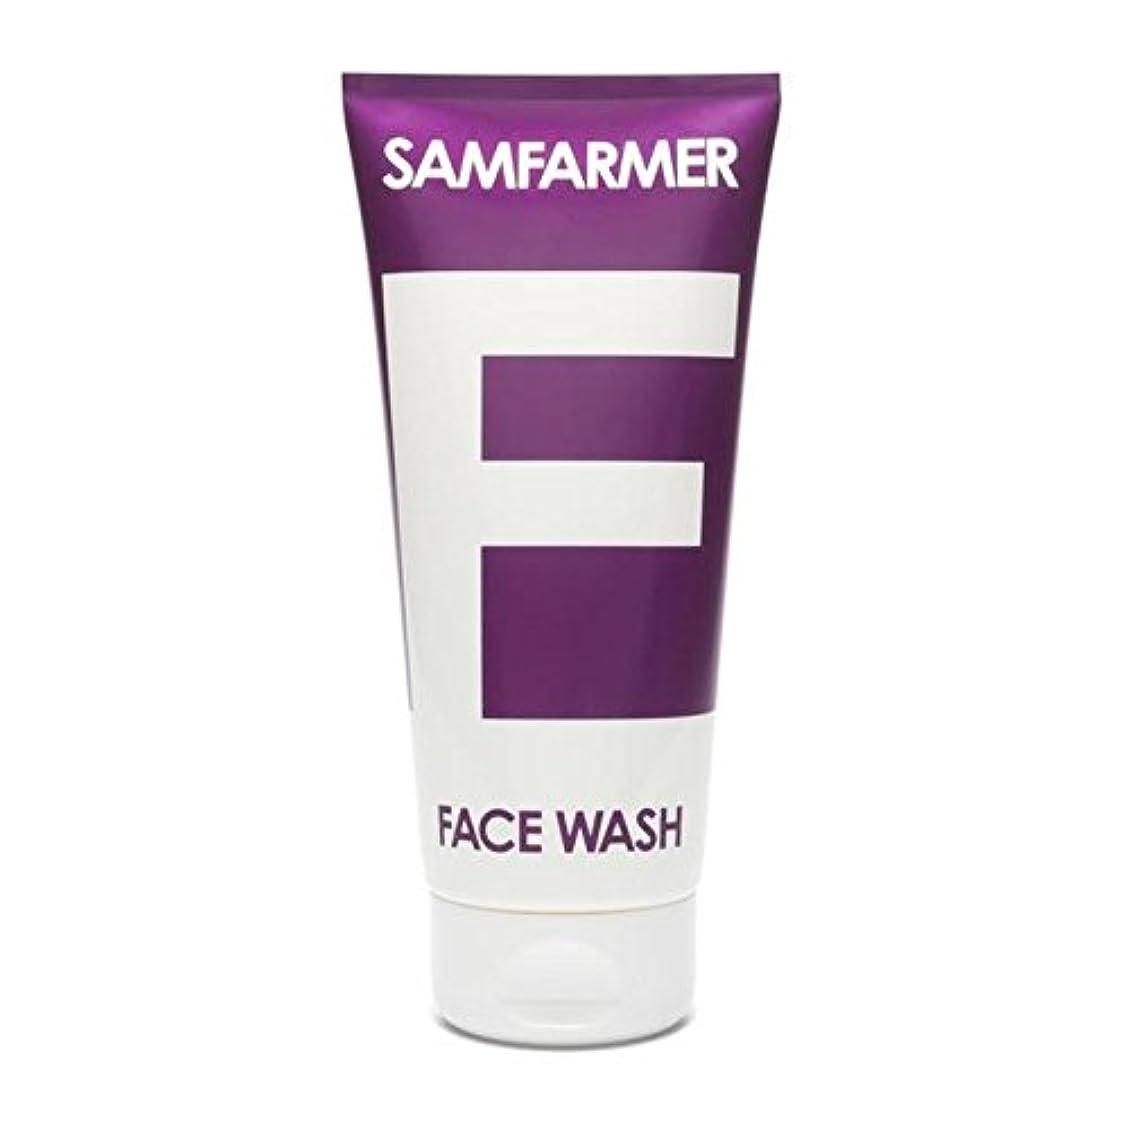 類似性スカルク部分ユニセックスフェイスウォッシュ200ミリリットル x4 - SAMFARMER Unisex Face Wash 200ml (Pack of 4) [並行輸入品]